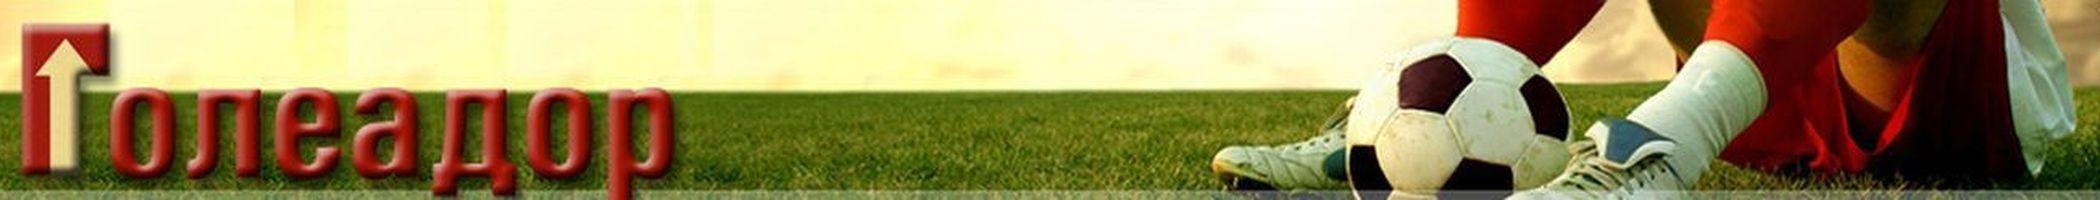 ГОЛЕАДОР - сайт про футбол: последние новости футбола, LIVE результаты матчей, турнирные таблицы, статистика - GOLEADOR - Футбольные новости онлайн